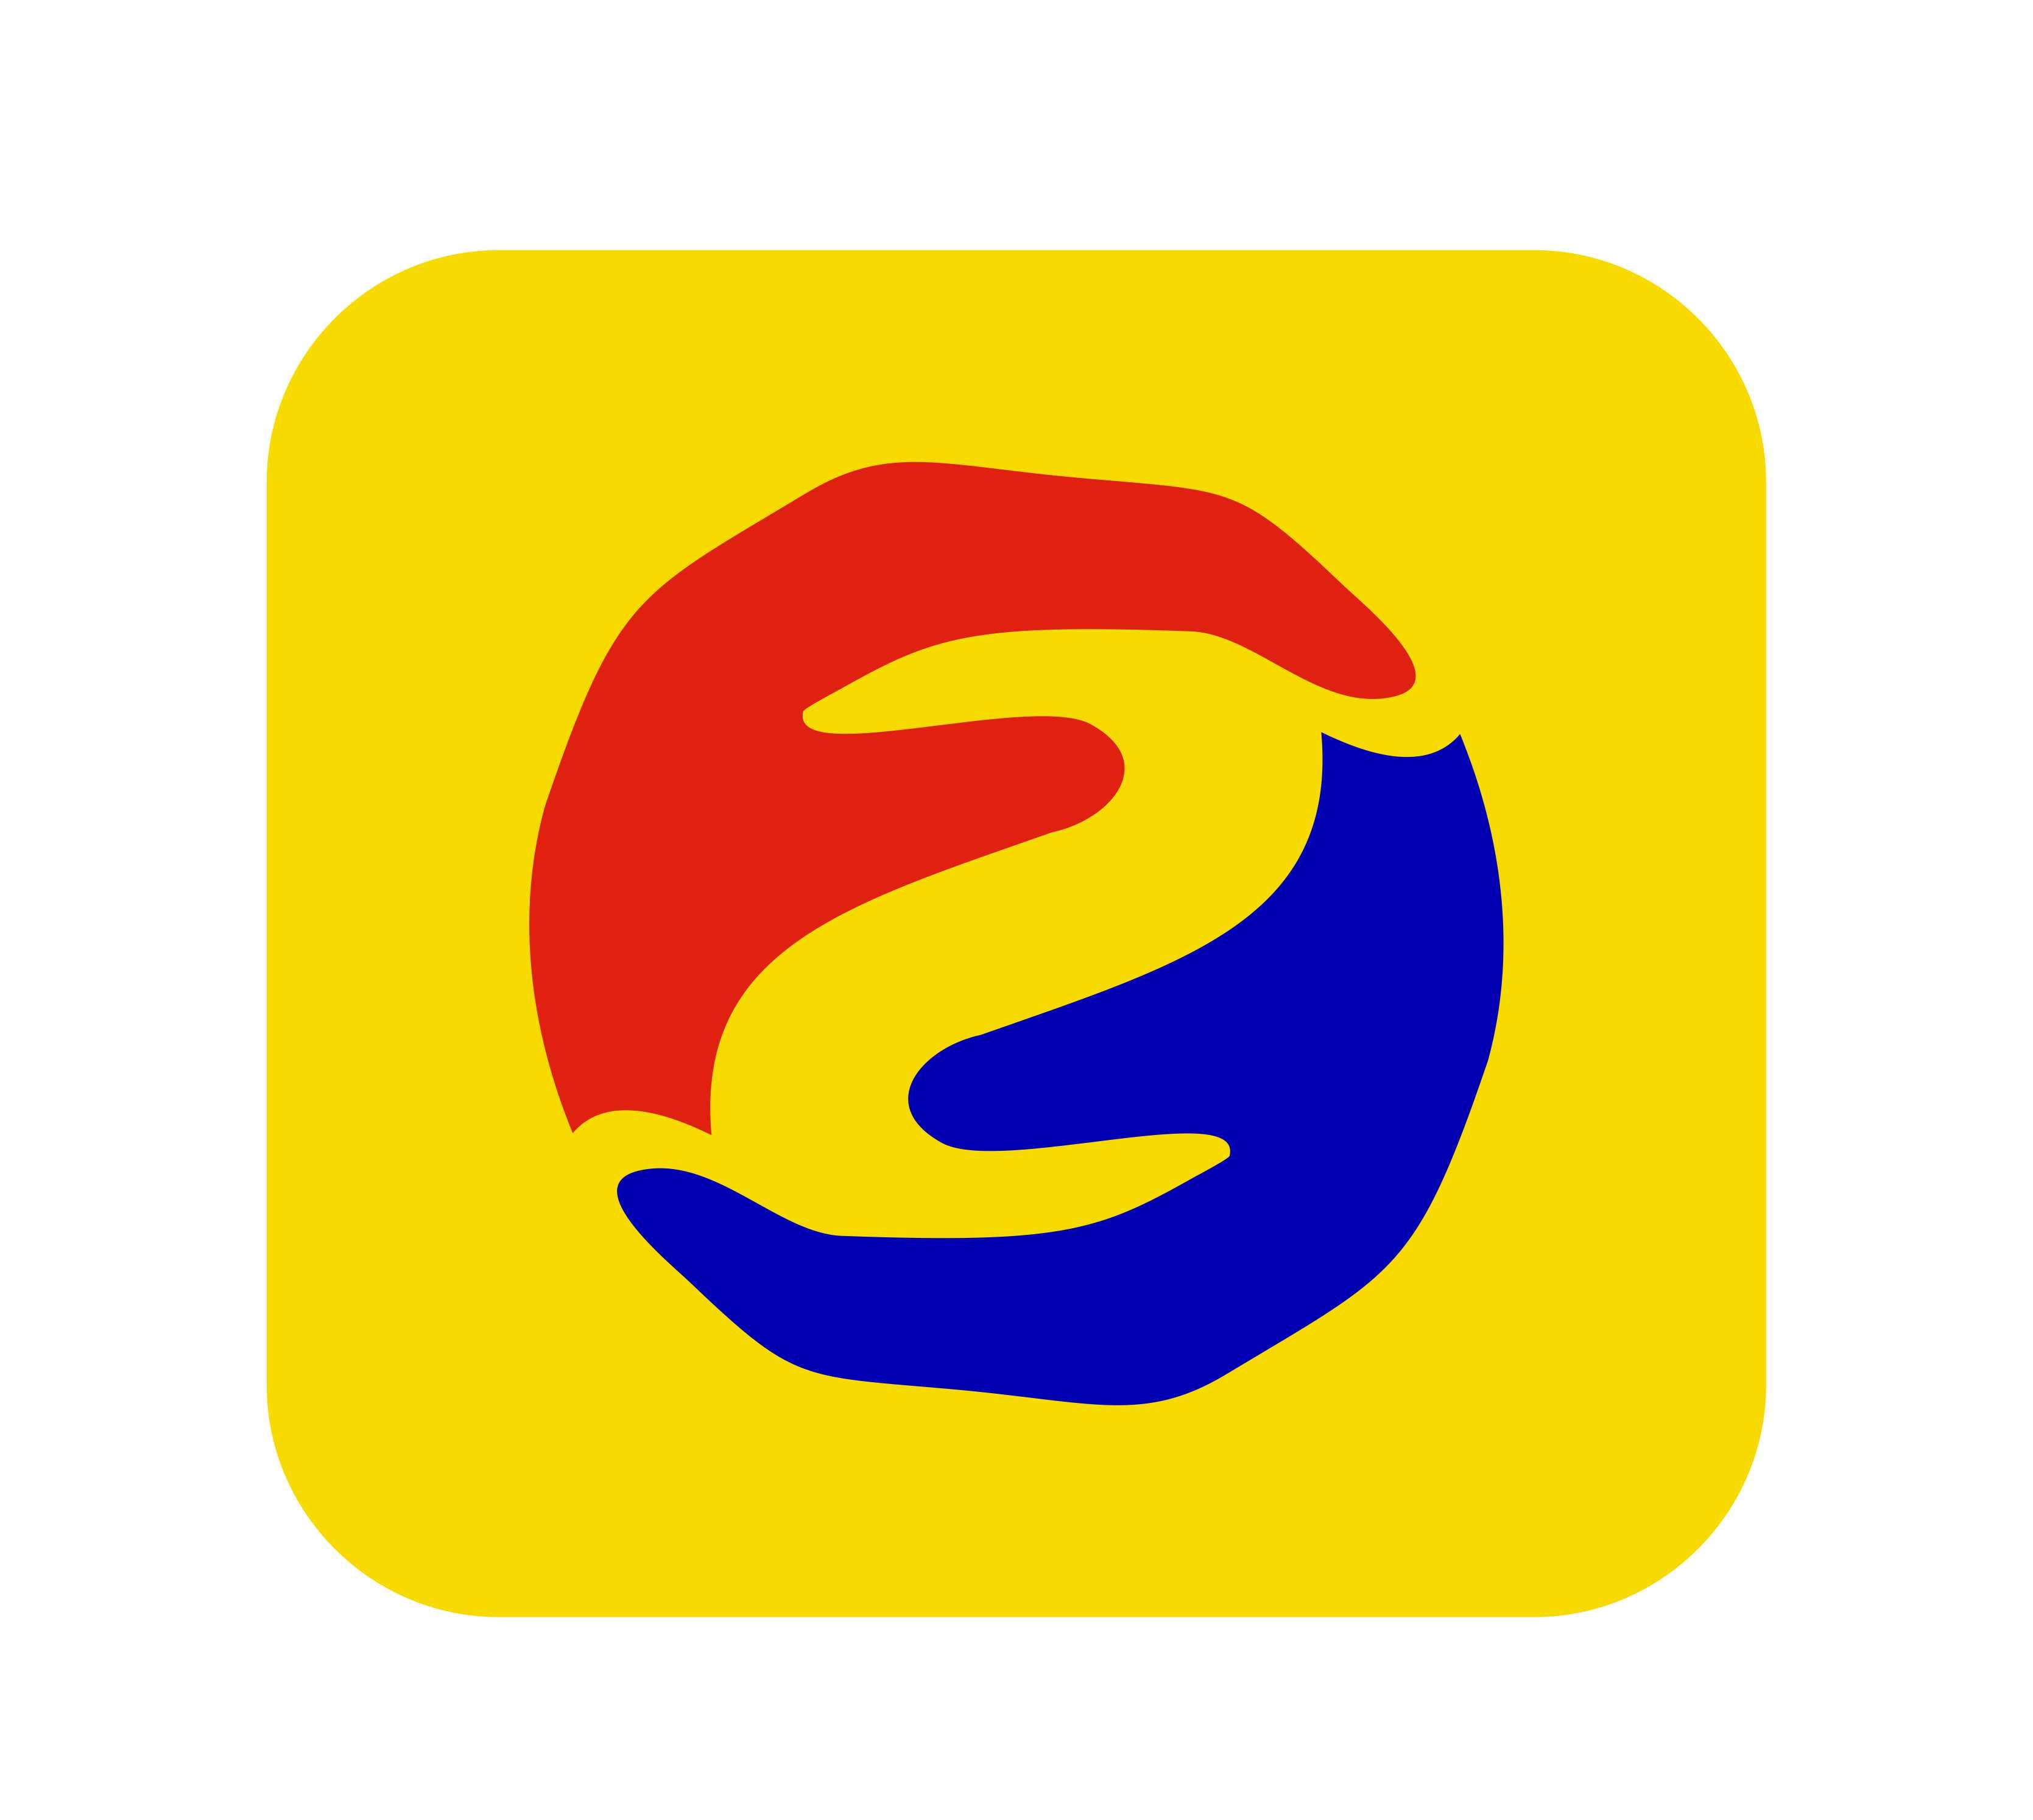 Разработка логотипа для краудфандинговой платформы om2om.md фото f_2035f57e6dfaf590.jpg